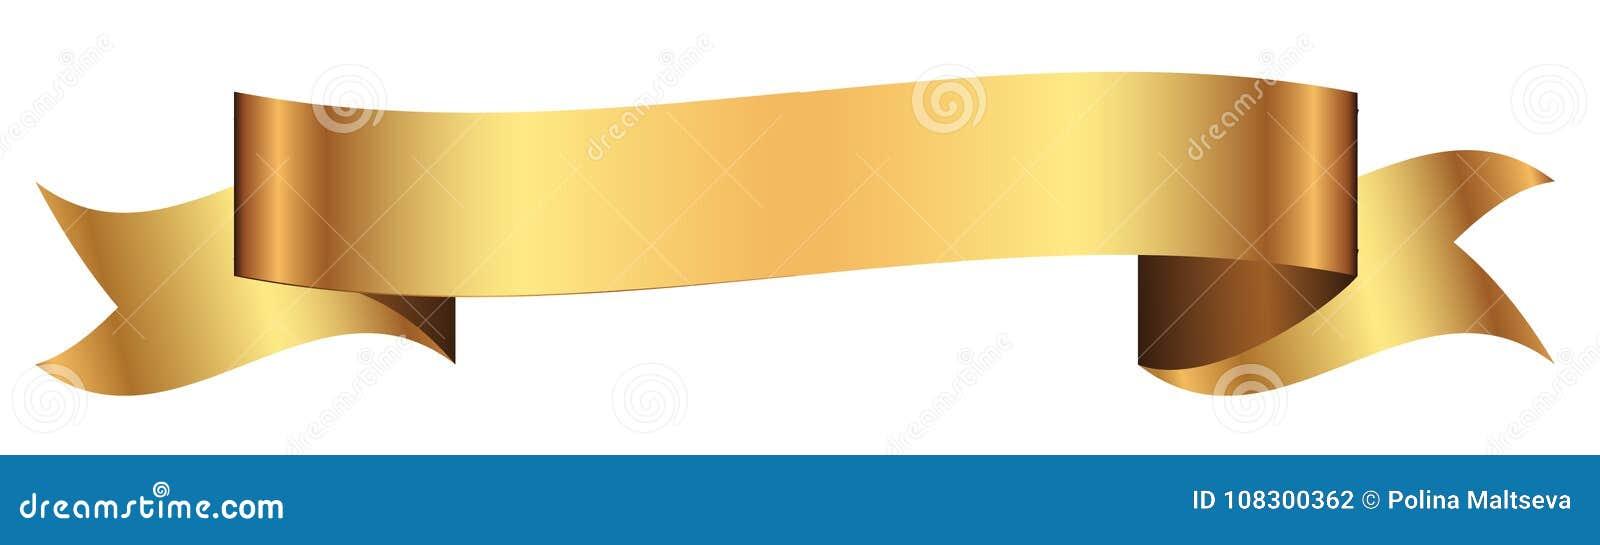 Знамя золота для дизайна в векторе